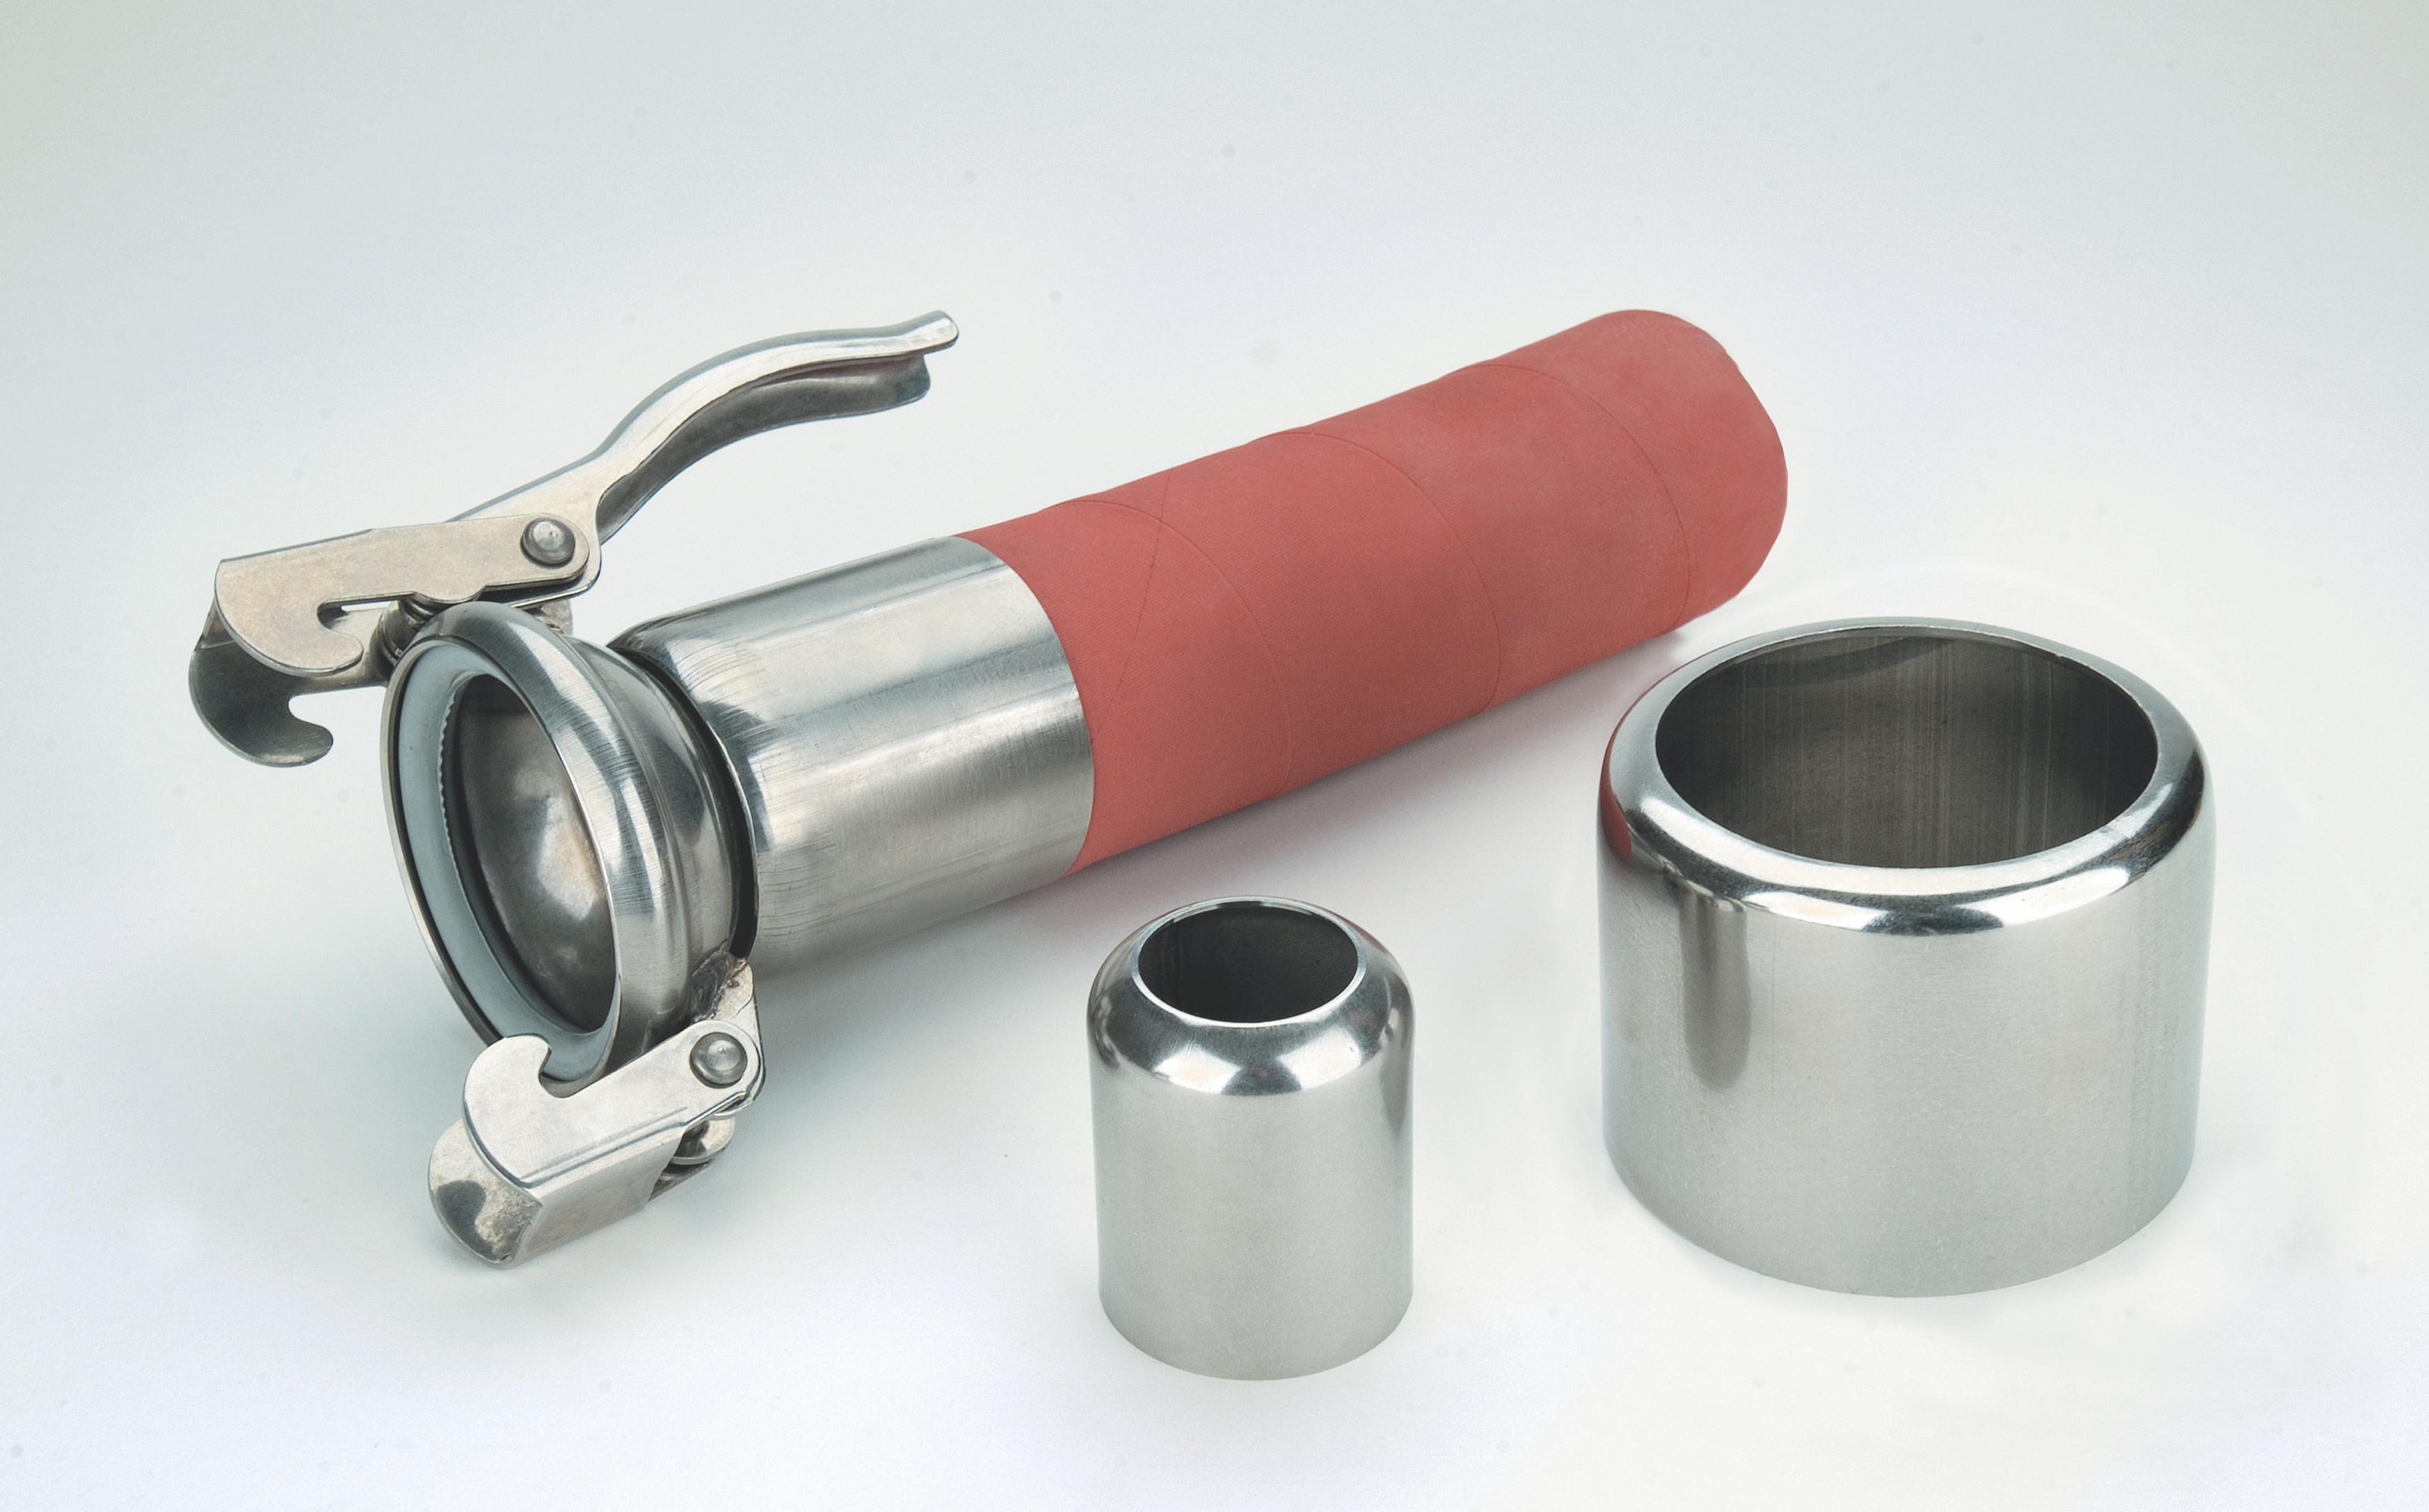 Обжимные и зажимные соединительные муфты из нержавеющей стали  или алюминия.